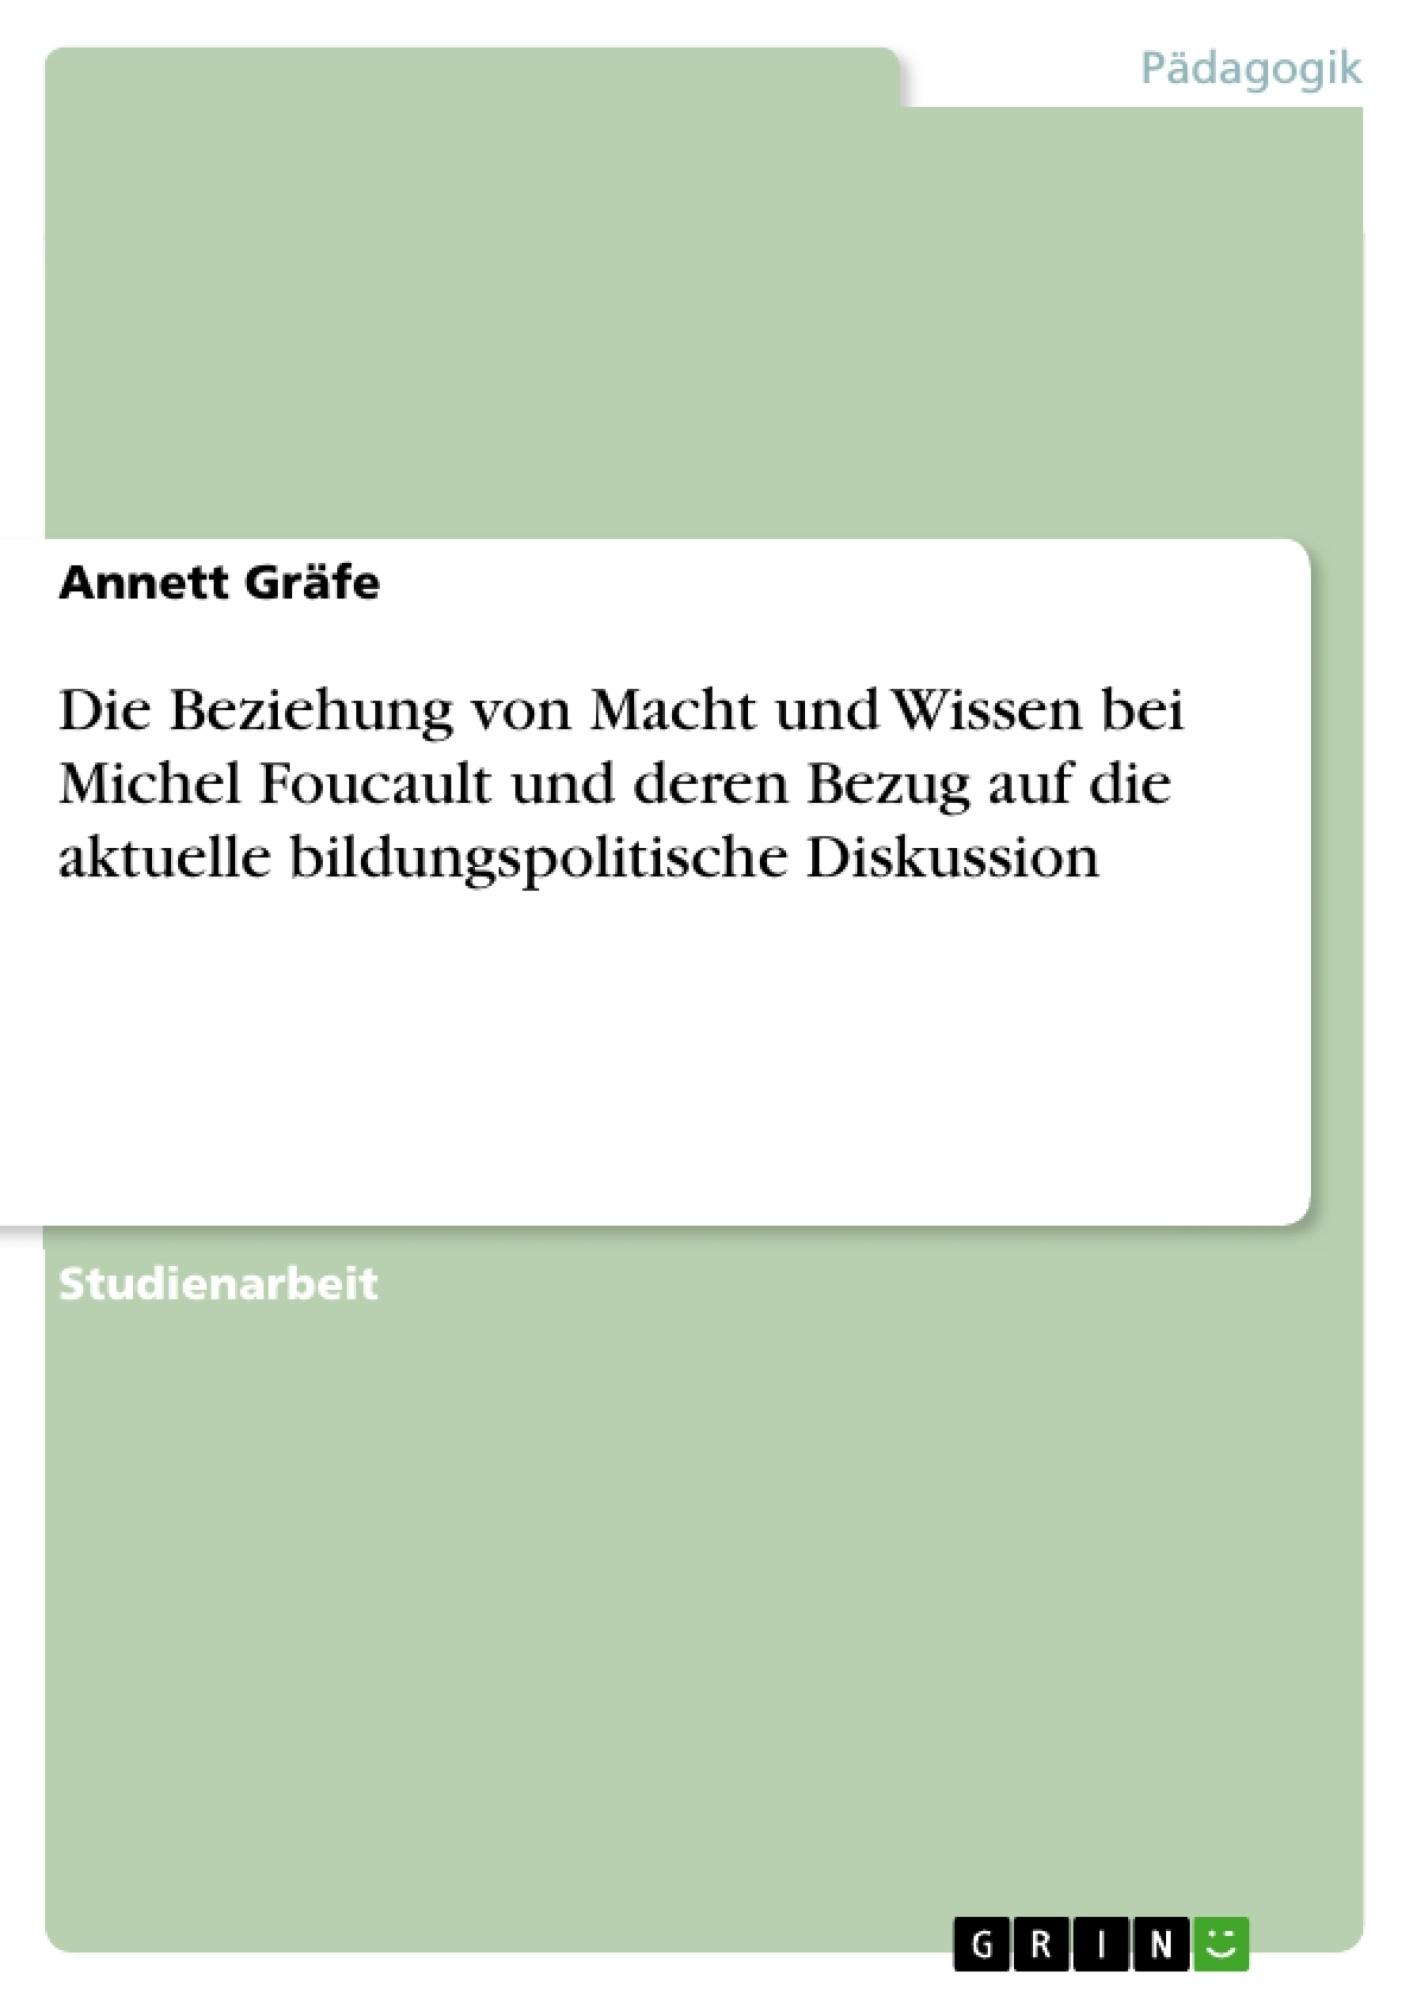 Titel: Die Beziehung von Macht und Wissen bei Michel Foucault und deren Bezug auf die aktuelle bildungspolitische Diskussion